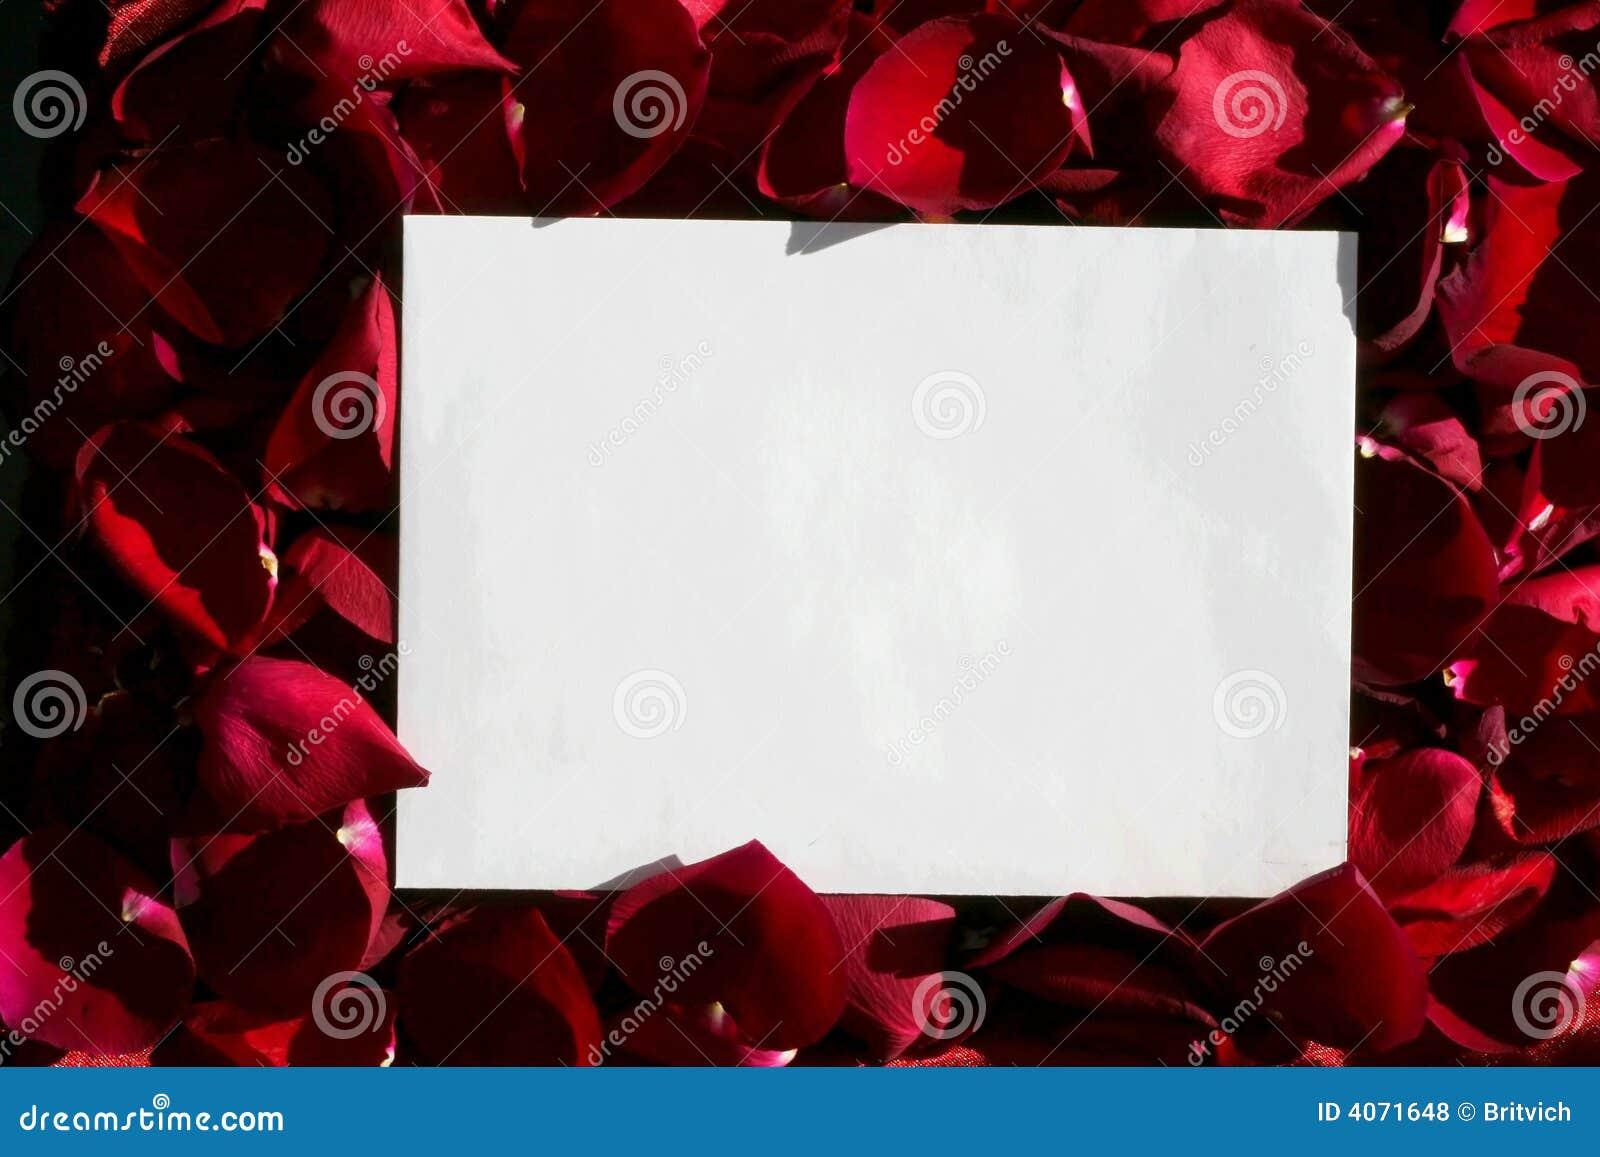 Czerwone róże papierowymi nad białymi